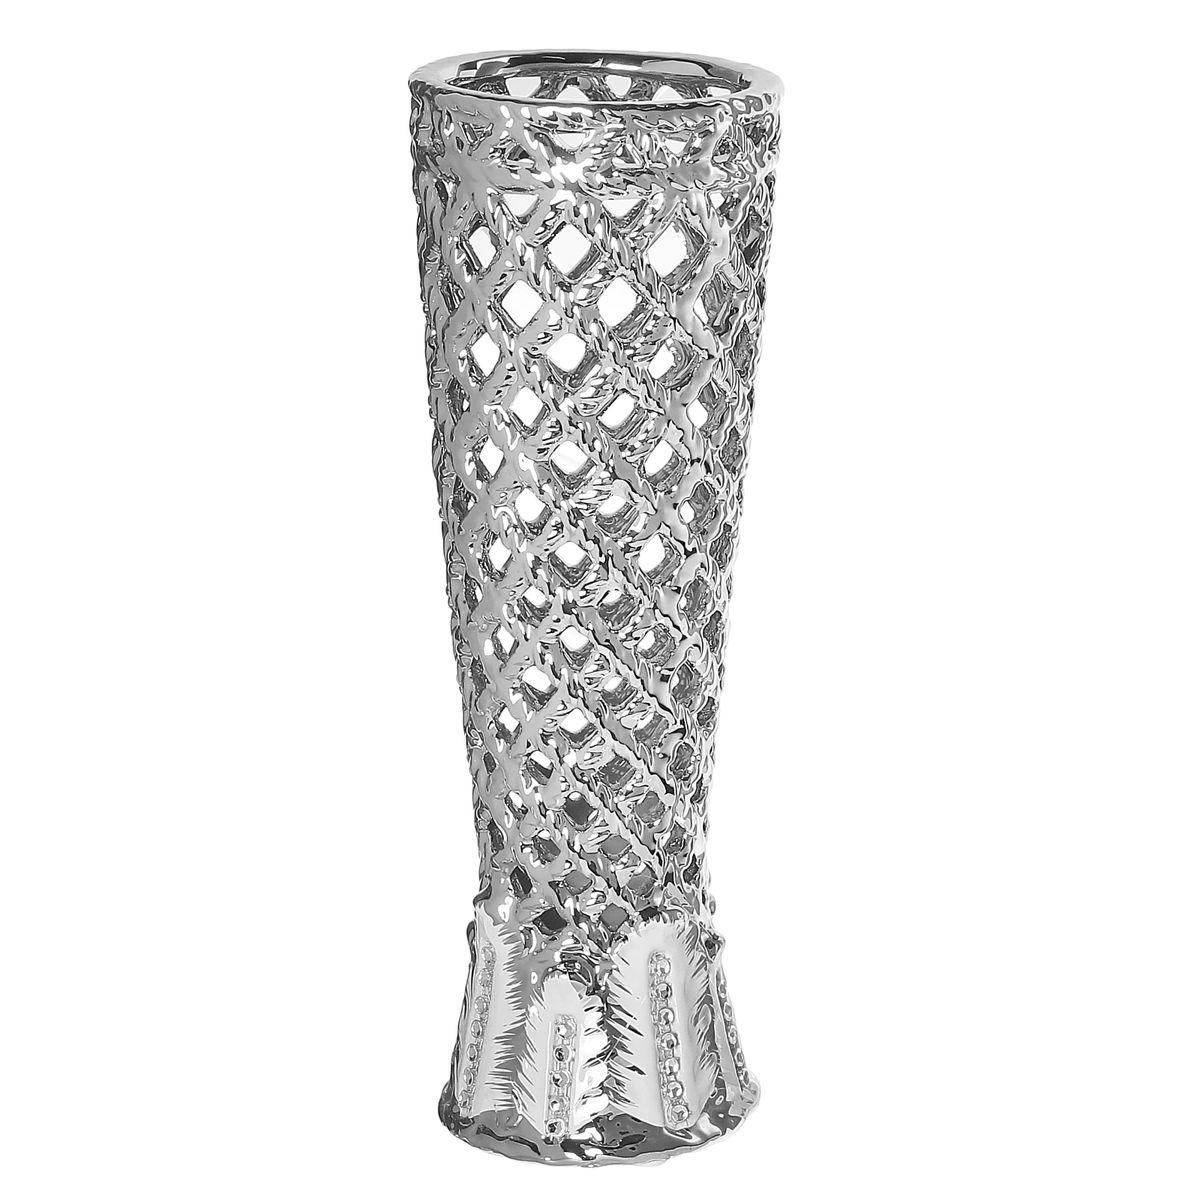 Ваза Sima-land Серебряная сетка, высота 28,5 см. 866199866199Ажурная ваза Sima-land Серебряная сетка, изготовленная из высококачественной керамики, добавит в интерьер морозный лоск и деликатный шик. Дно изделия оснащено нескользящими накладками. В такой вазе эффектно будут смотреться композиции, выполненные из декоративных цветов. Любое помещение выглядит незавершенным без правильно расположенных предметов интерьера. Они помогают создать уют, расставить акценты, подчеркнуть достоинства или скрыть недостатки.